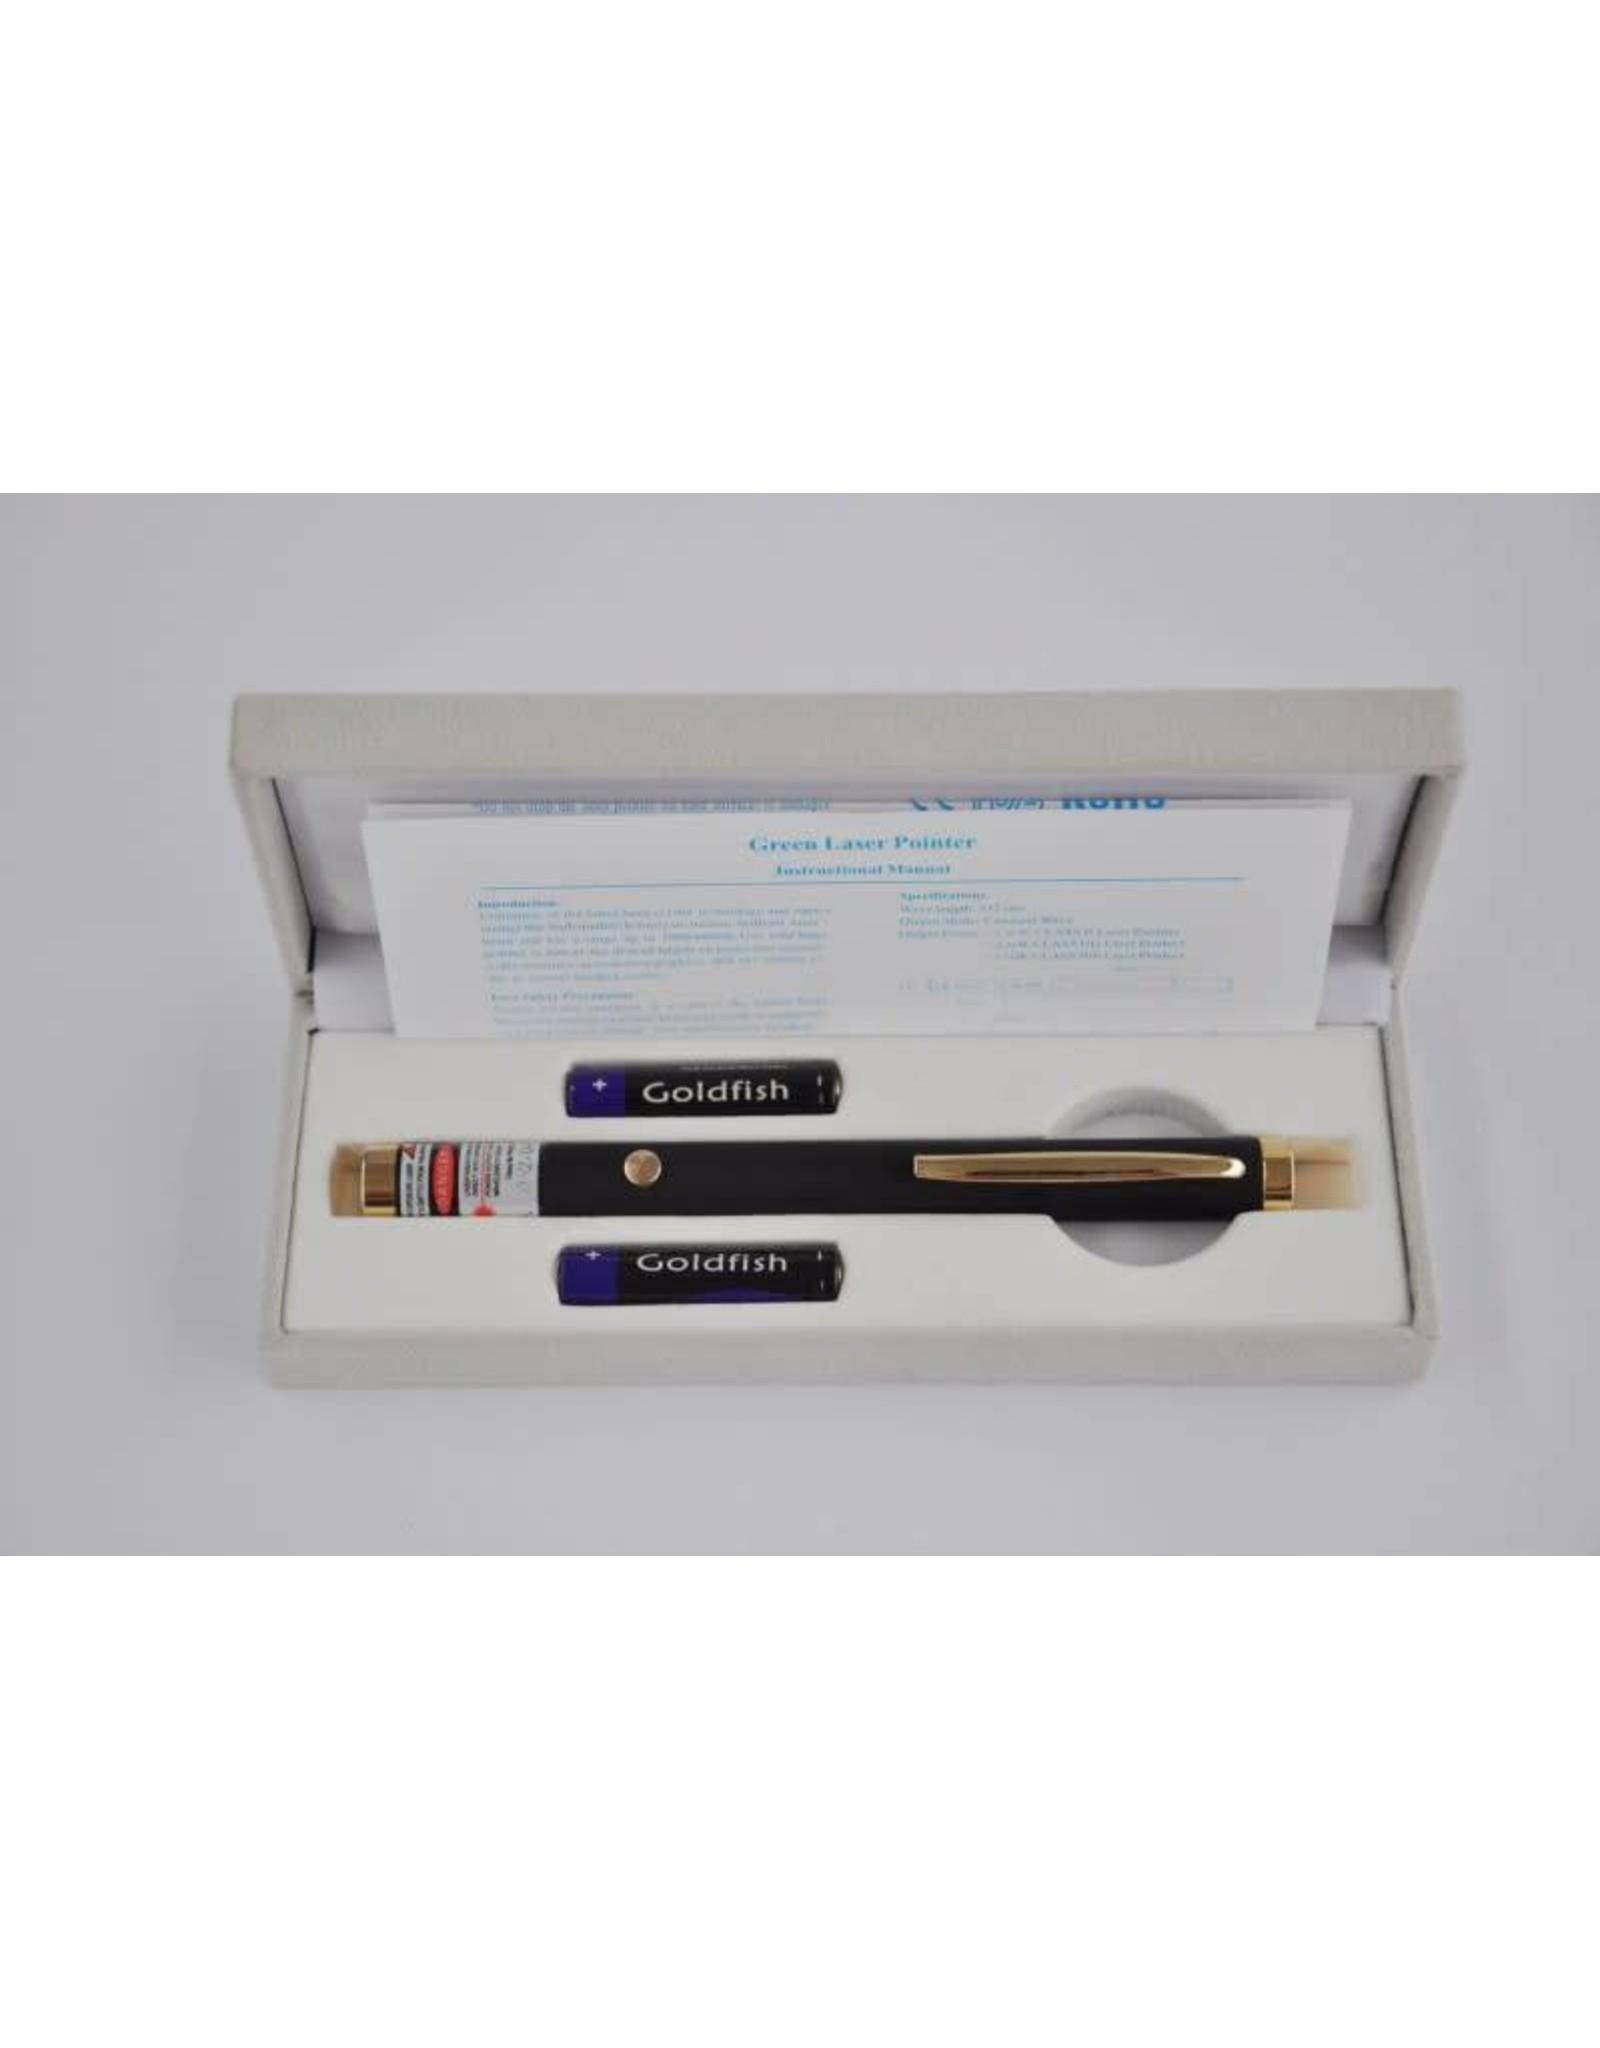 Arcturus Arcturus 20mw Green Laser Pointer (Pen Style)